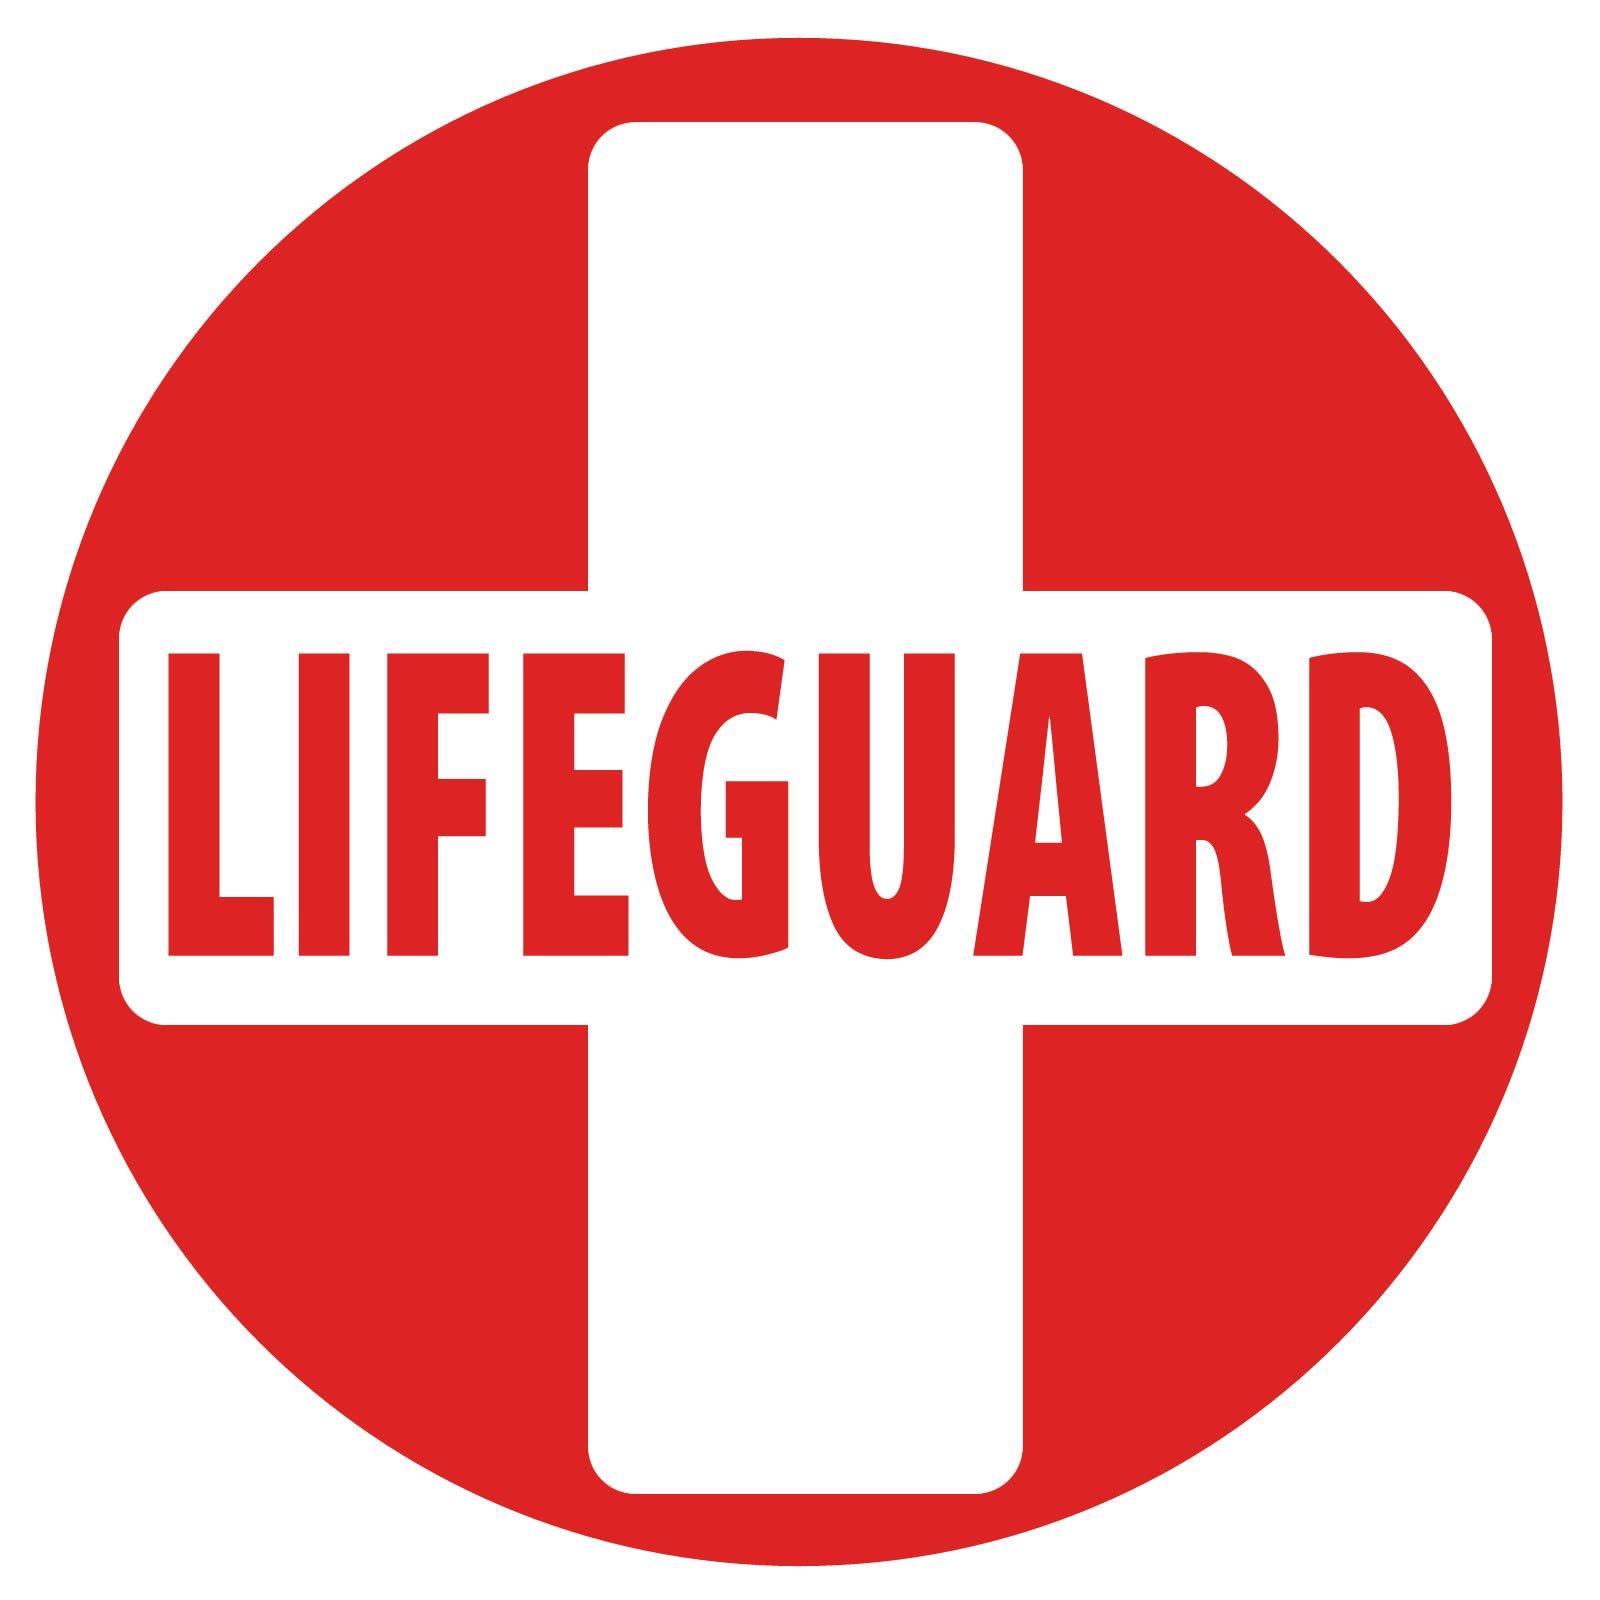 Lifeguard Logos - Clipart Library-Lifeguard Logos - Clipart library-14